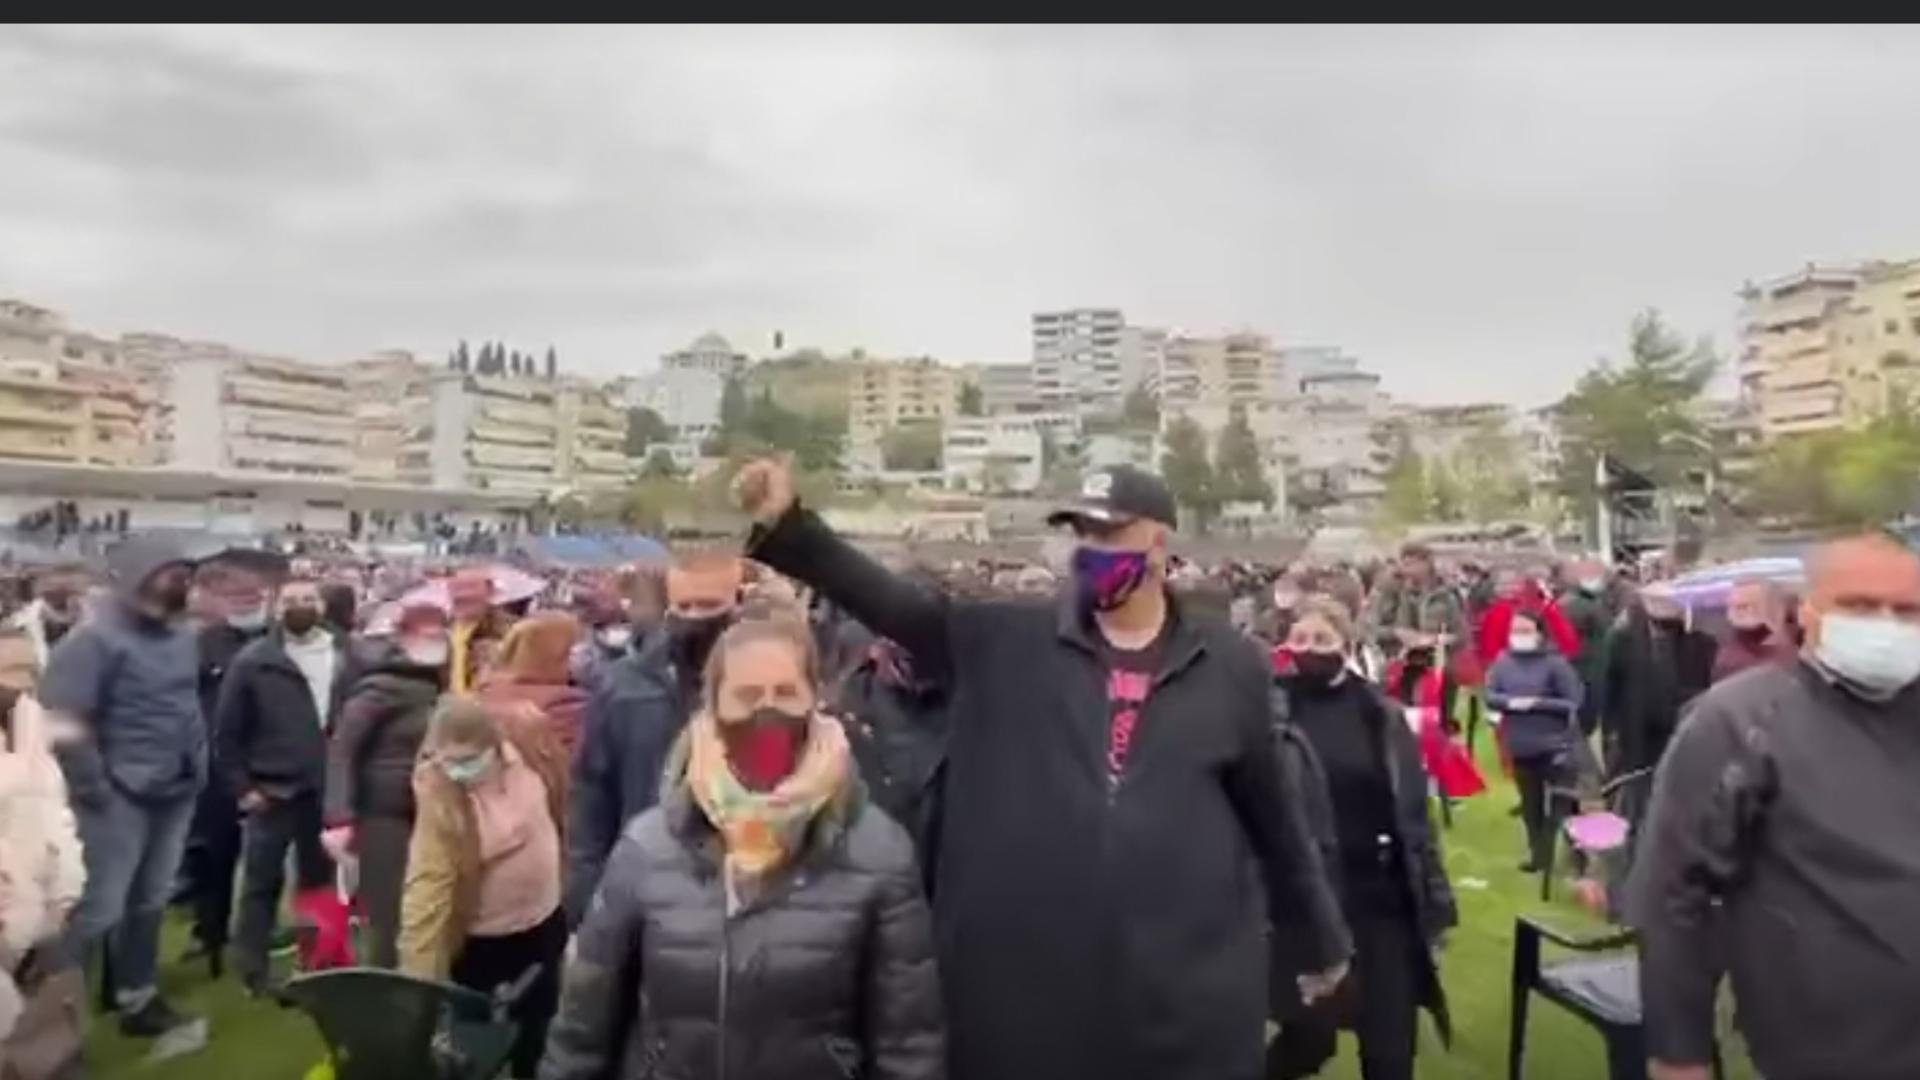 Nga stadiumi i parakalimeve me kostume kombetare vjen mesazhi i Kryeministrit Edi Rama